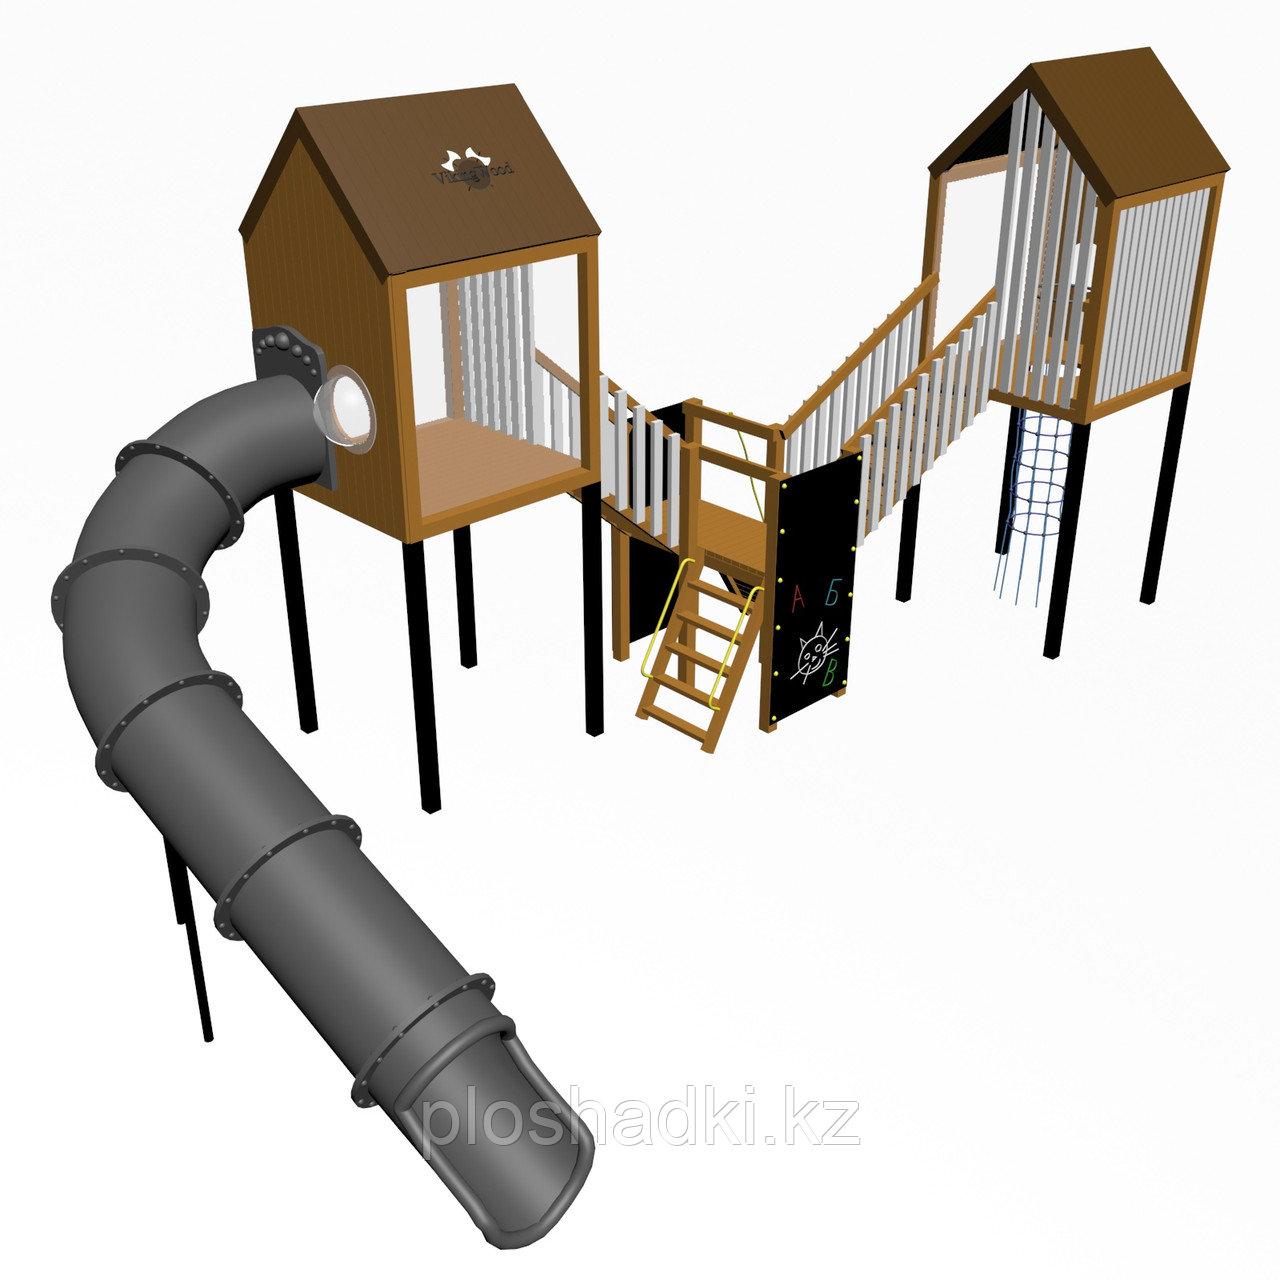 """Игровой комплекс """"Гуапо 1"""", канатная сетка, иллюминаторы, крыша деревянная"""